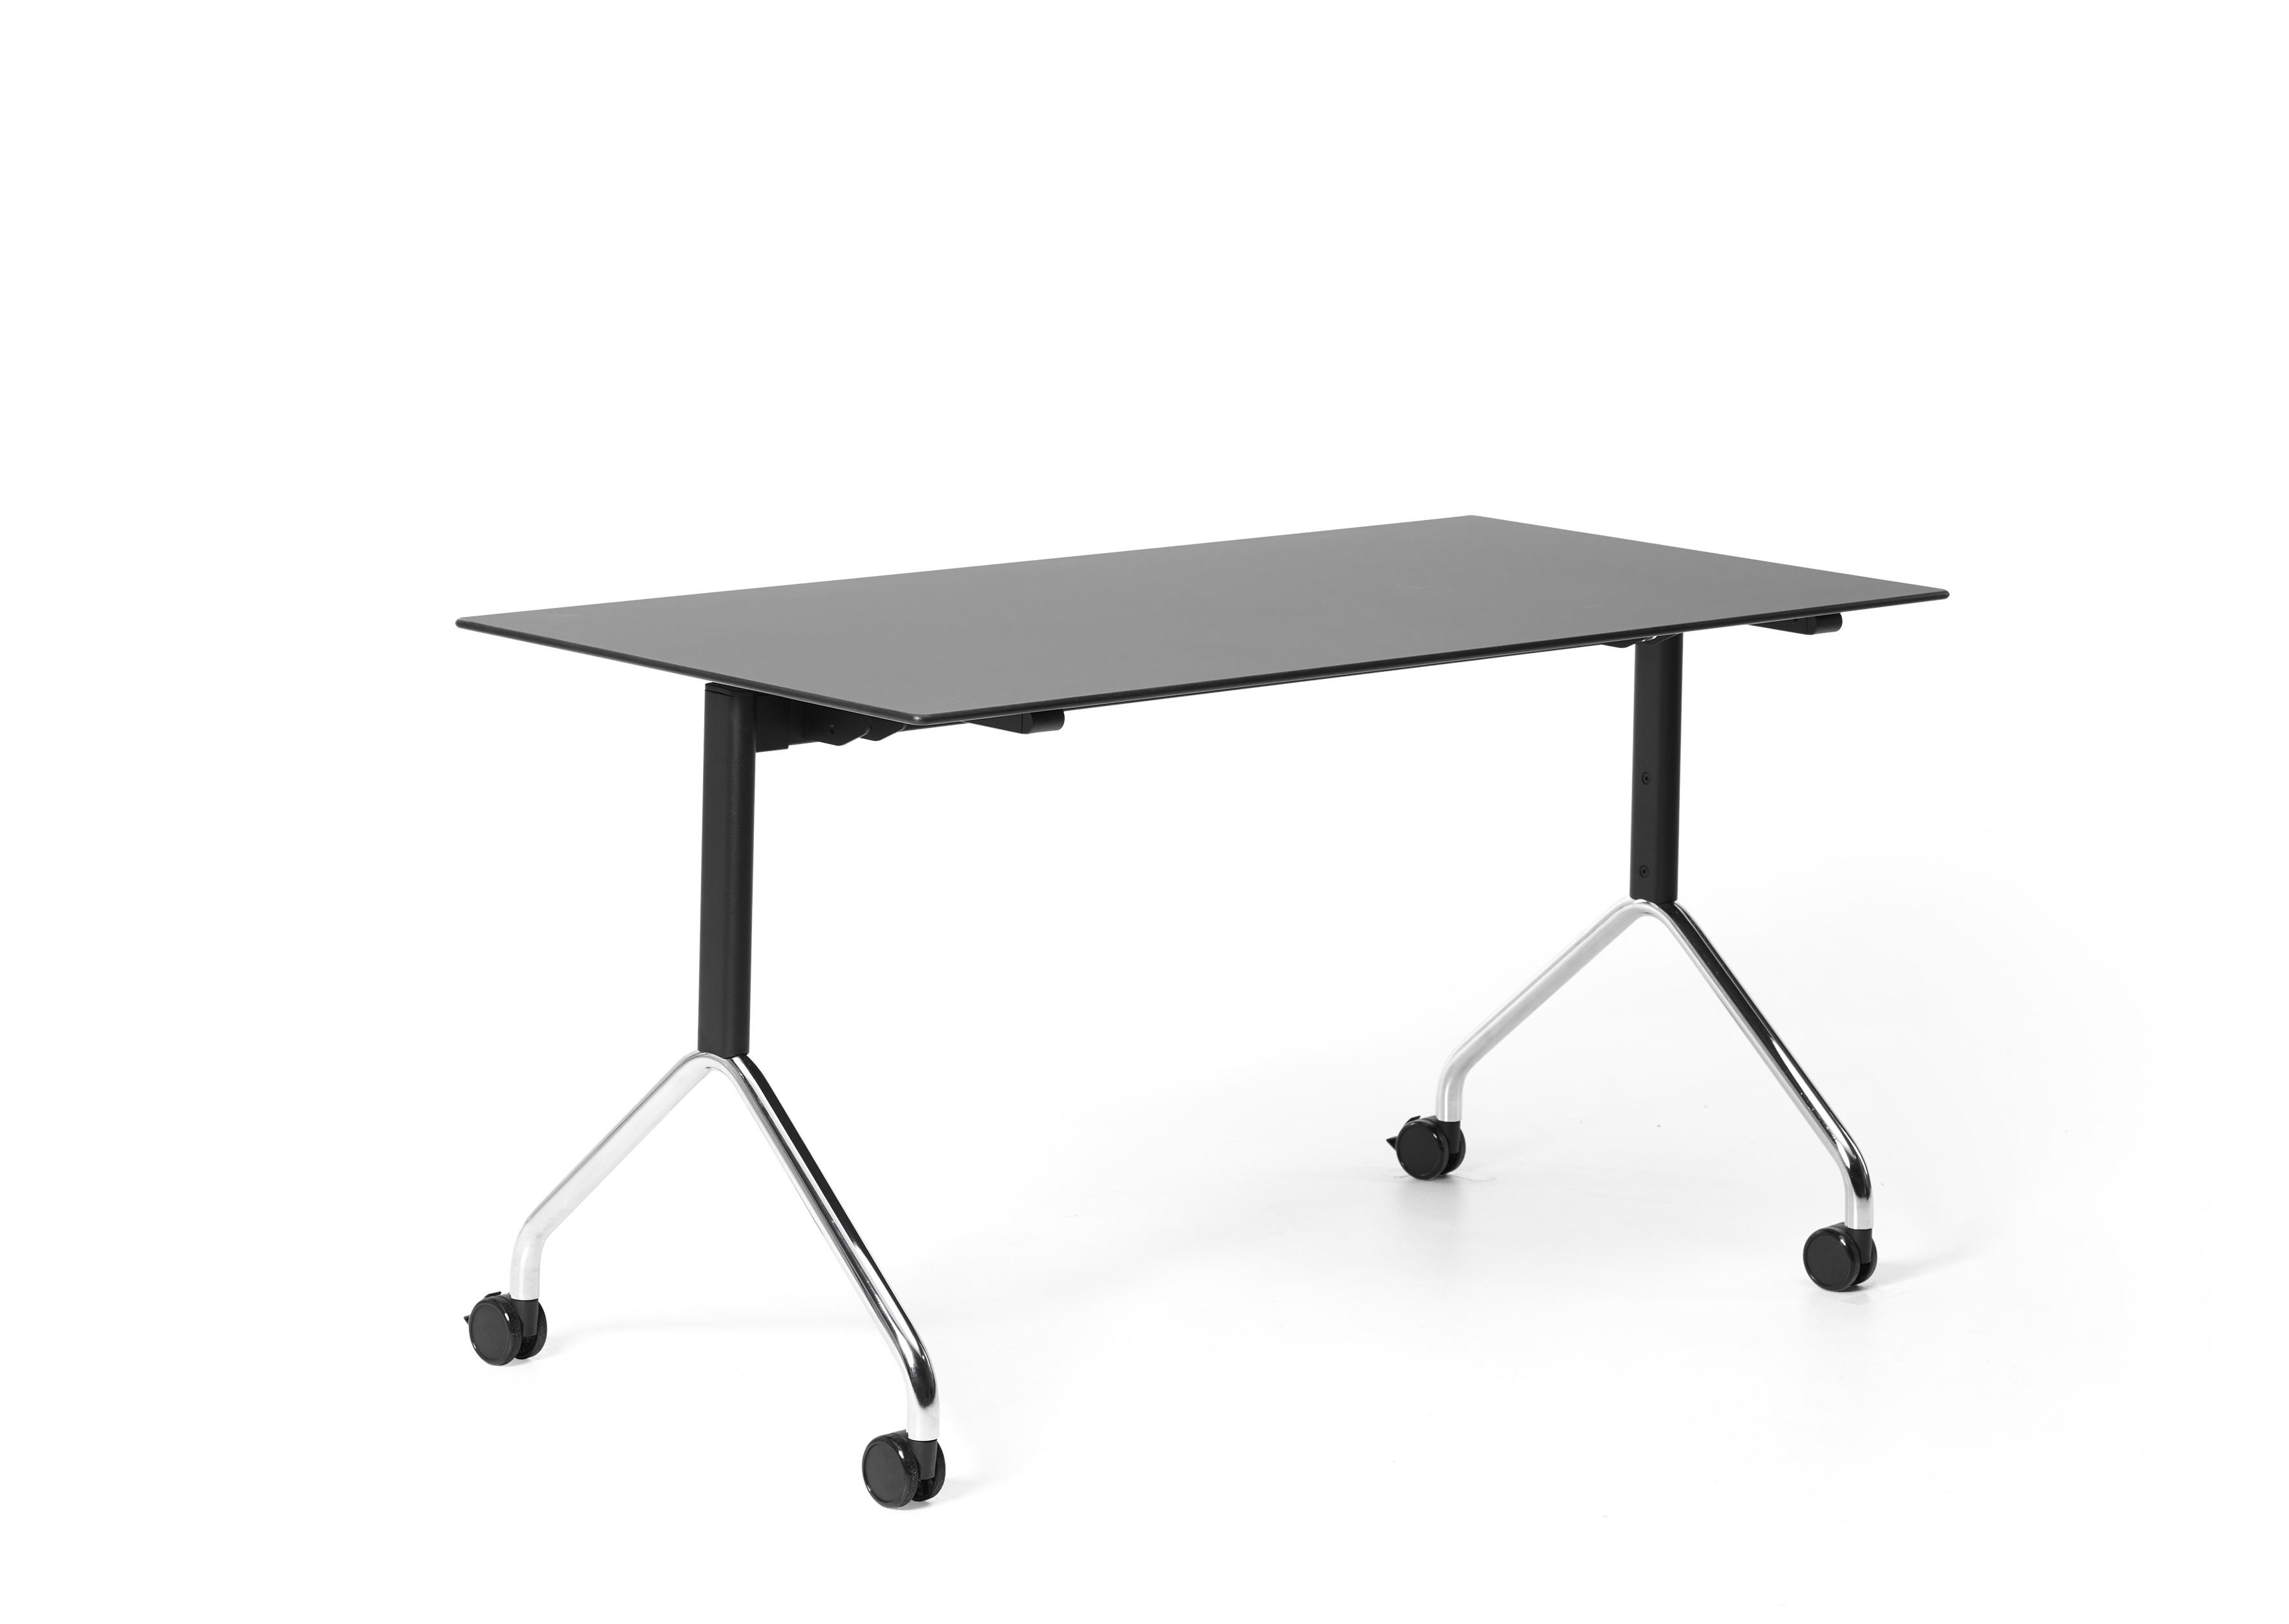 Braun Lockenhaus Präsentiert Neuen Tisch Braunlockenhausat